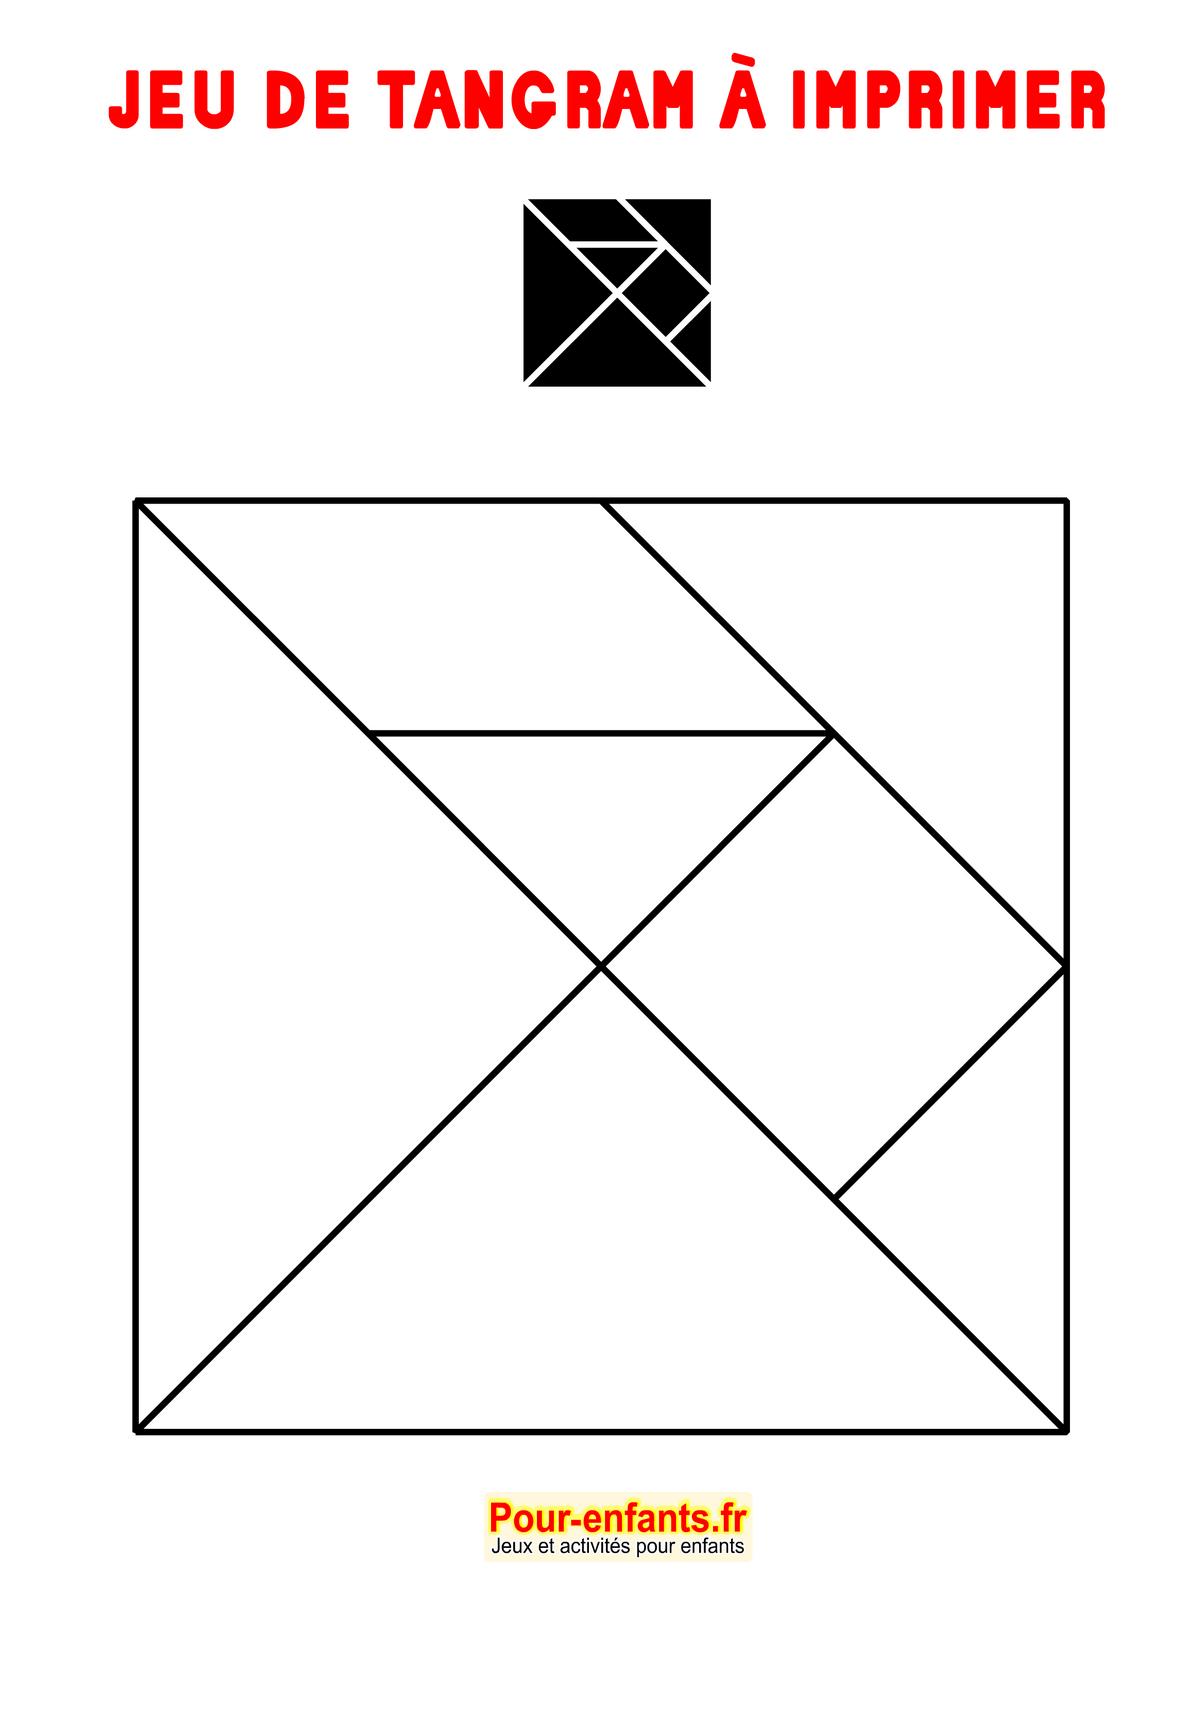 Tangram À Imprimer Maternelle Gratuit Jeux Tangrams dedans Jeux Educatif Gratuit Maternelle